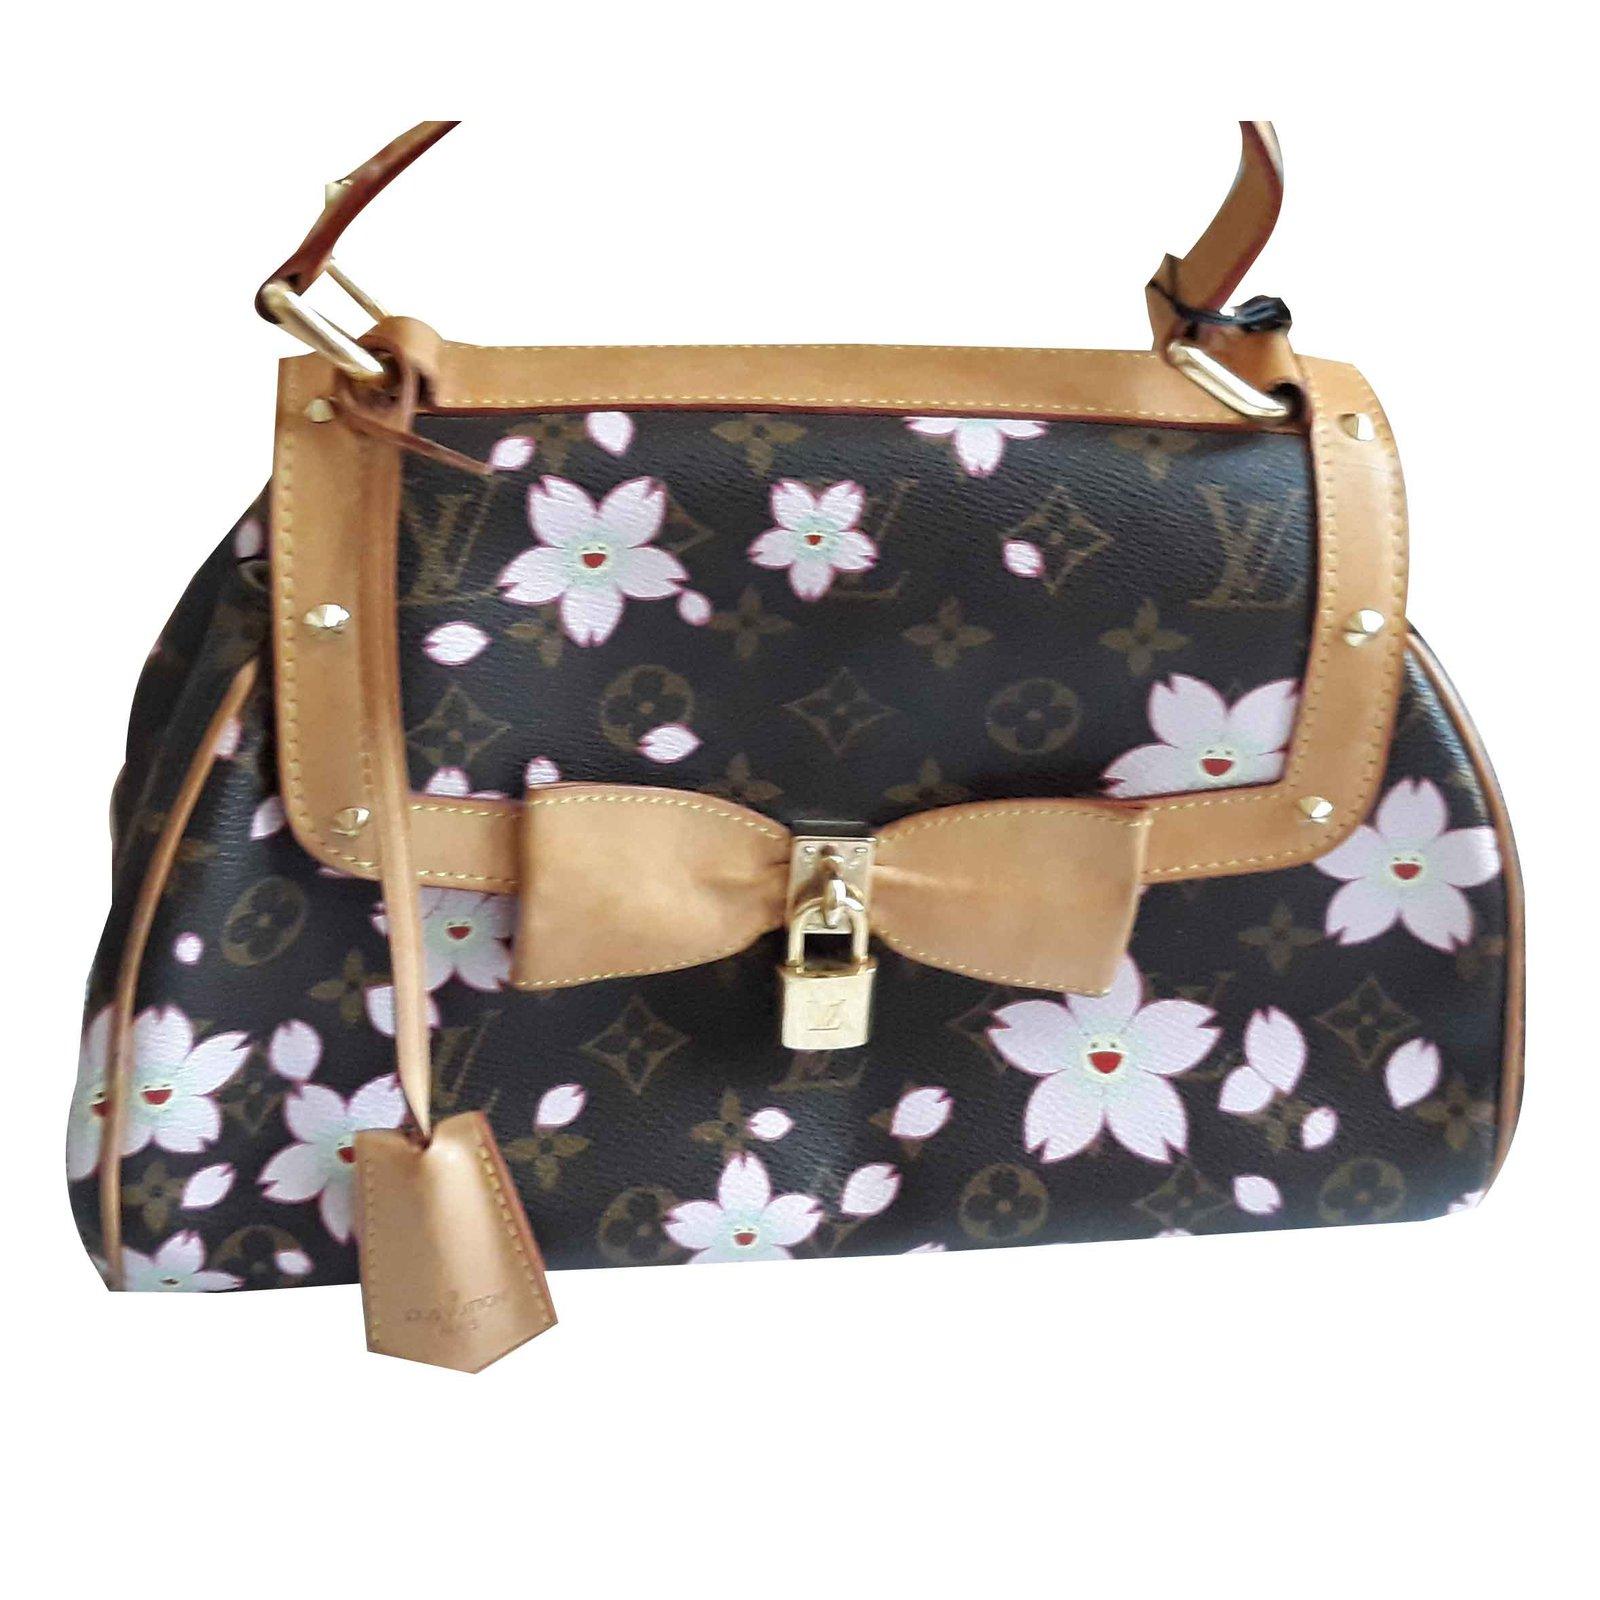 67803d3b92ed Louis Vuitton Louis Vuitton Cherry Blossom retro bag x Takashi Murakami  Handbags Cloth Brown ref.